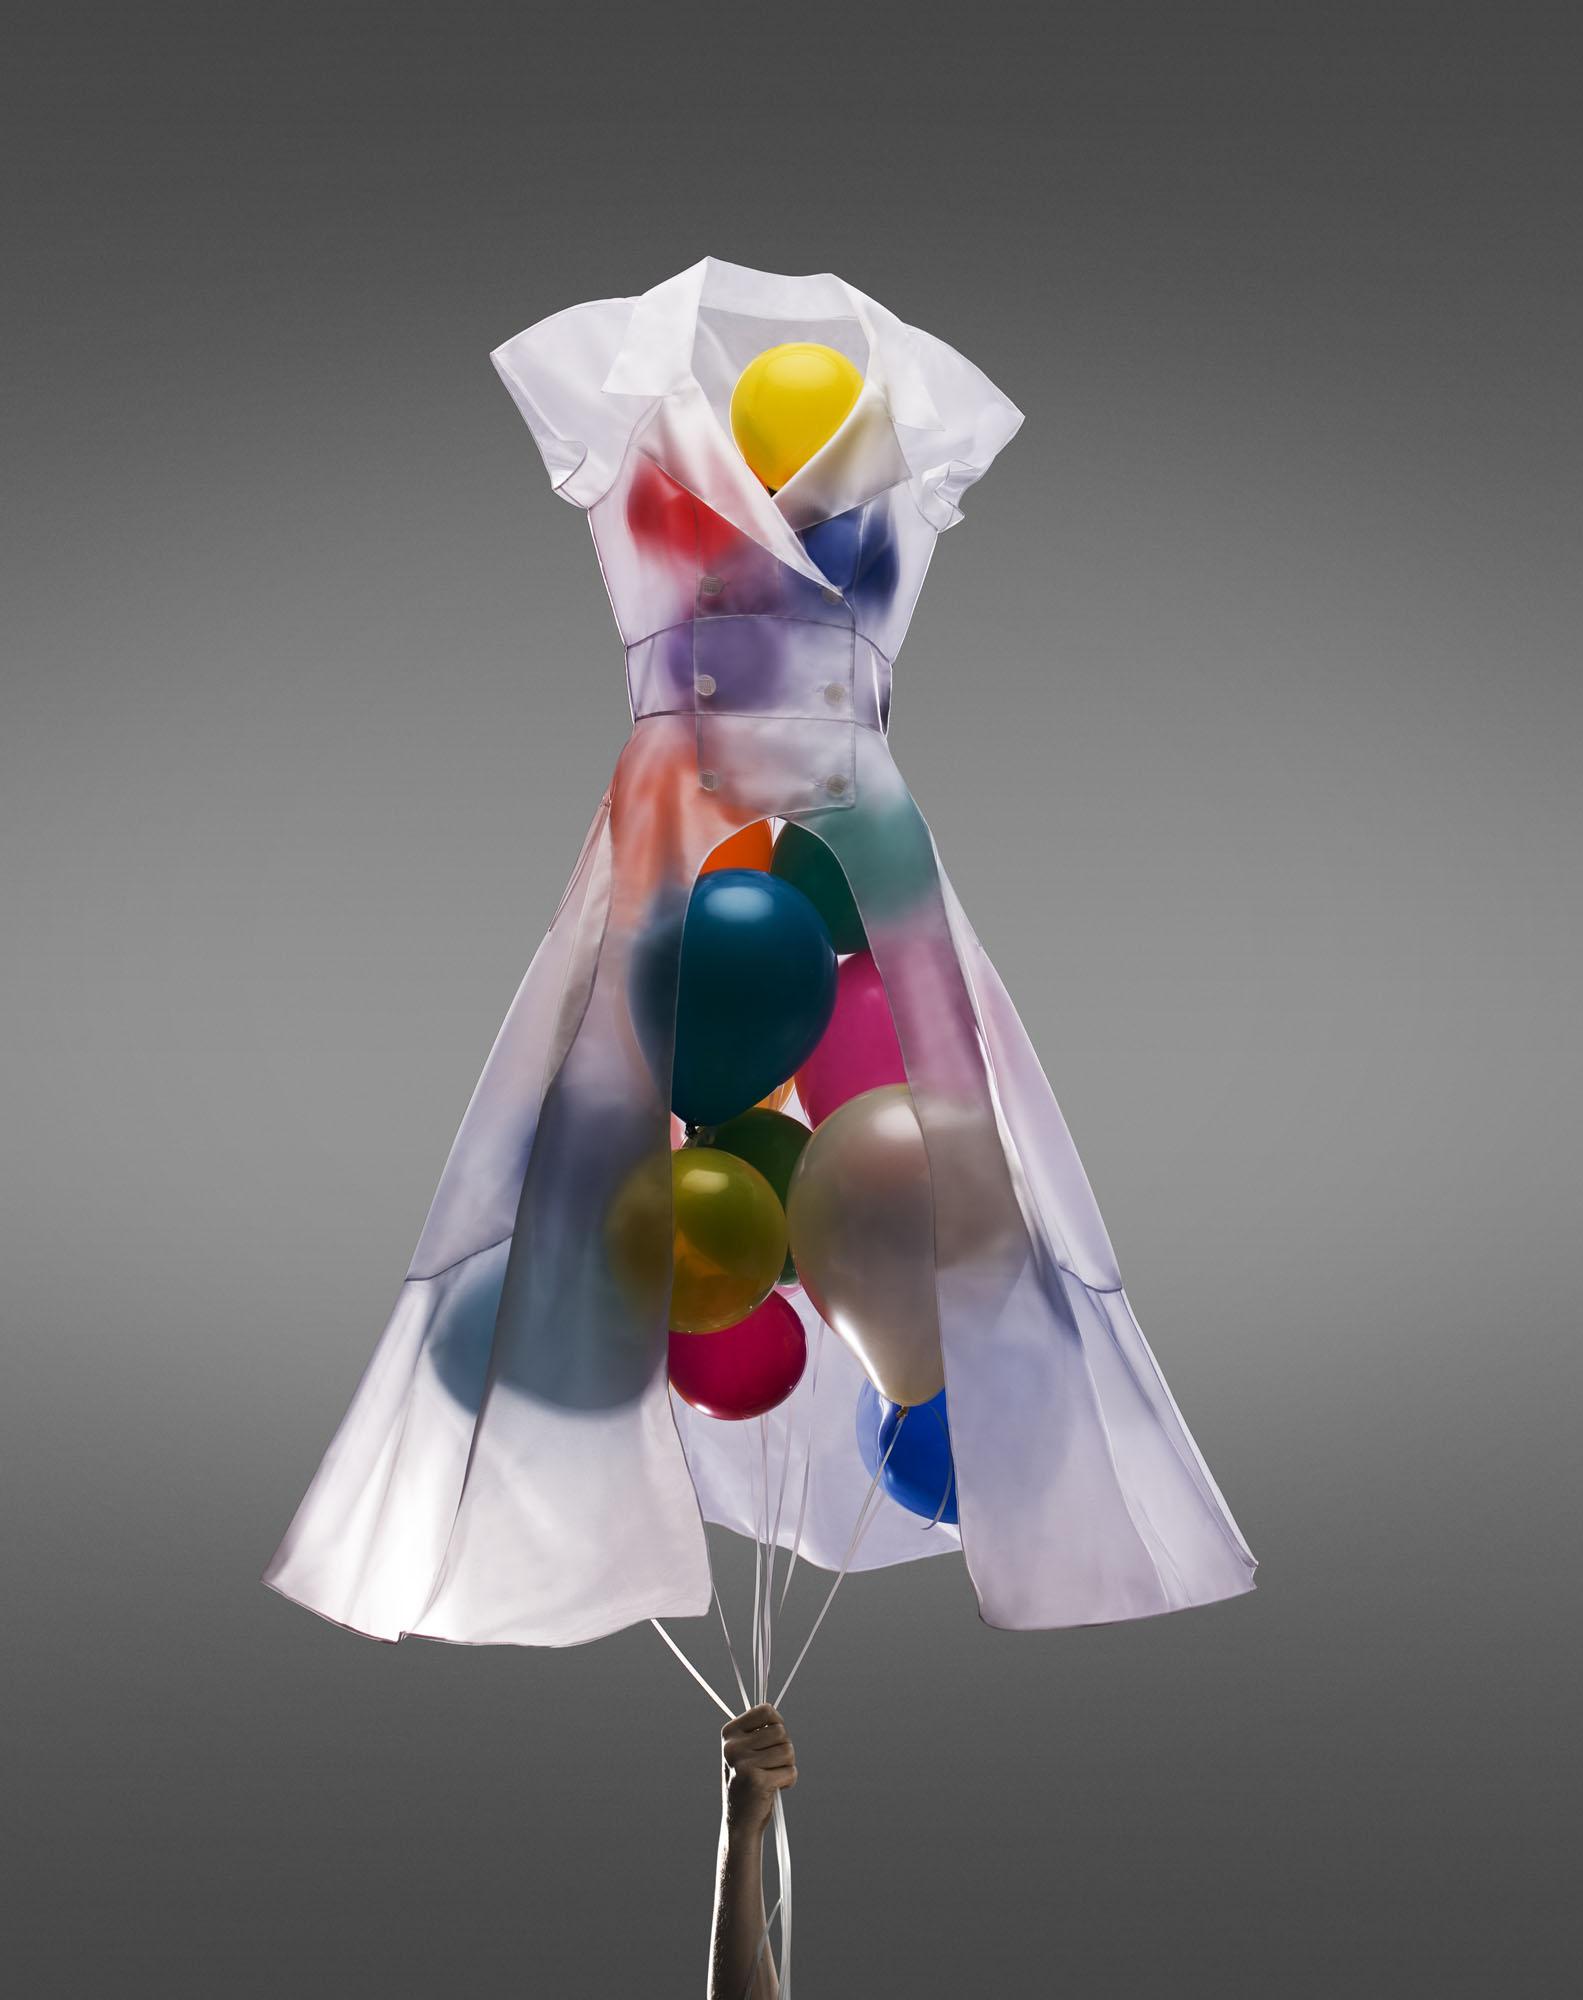 Платье из шариков своими руками